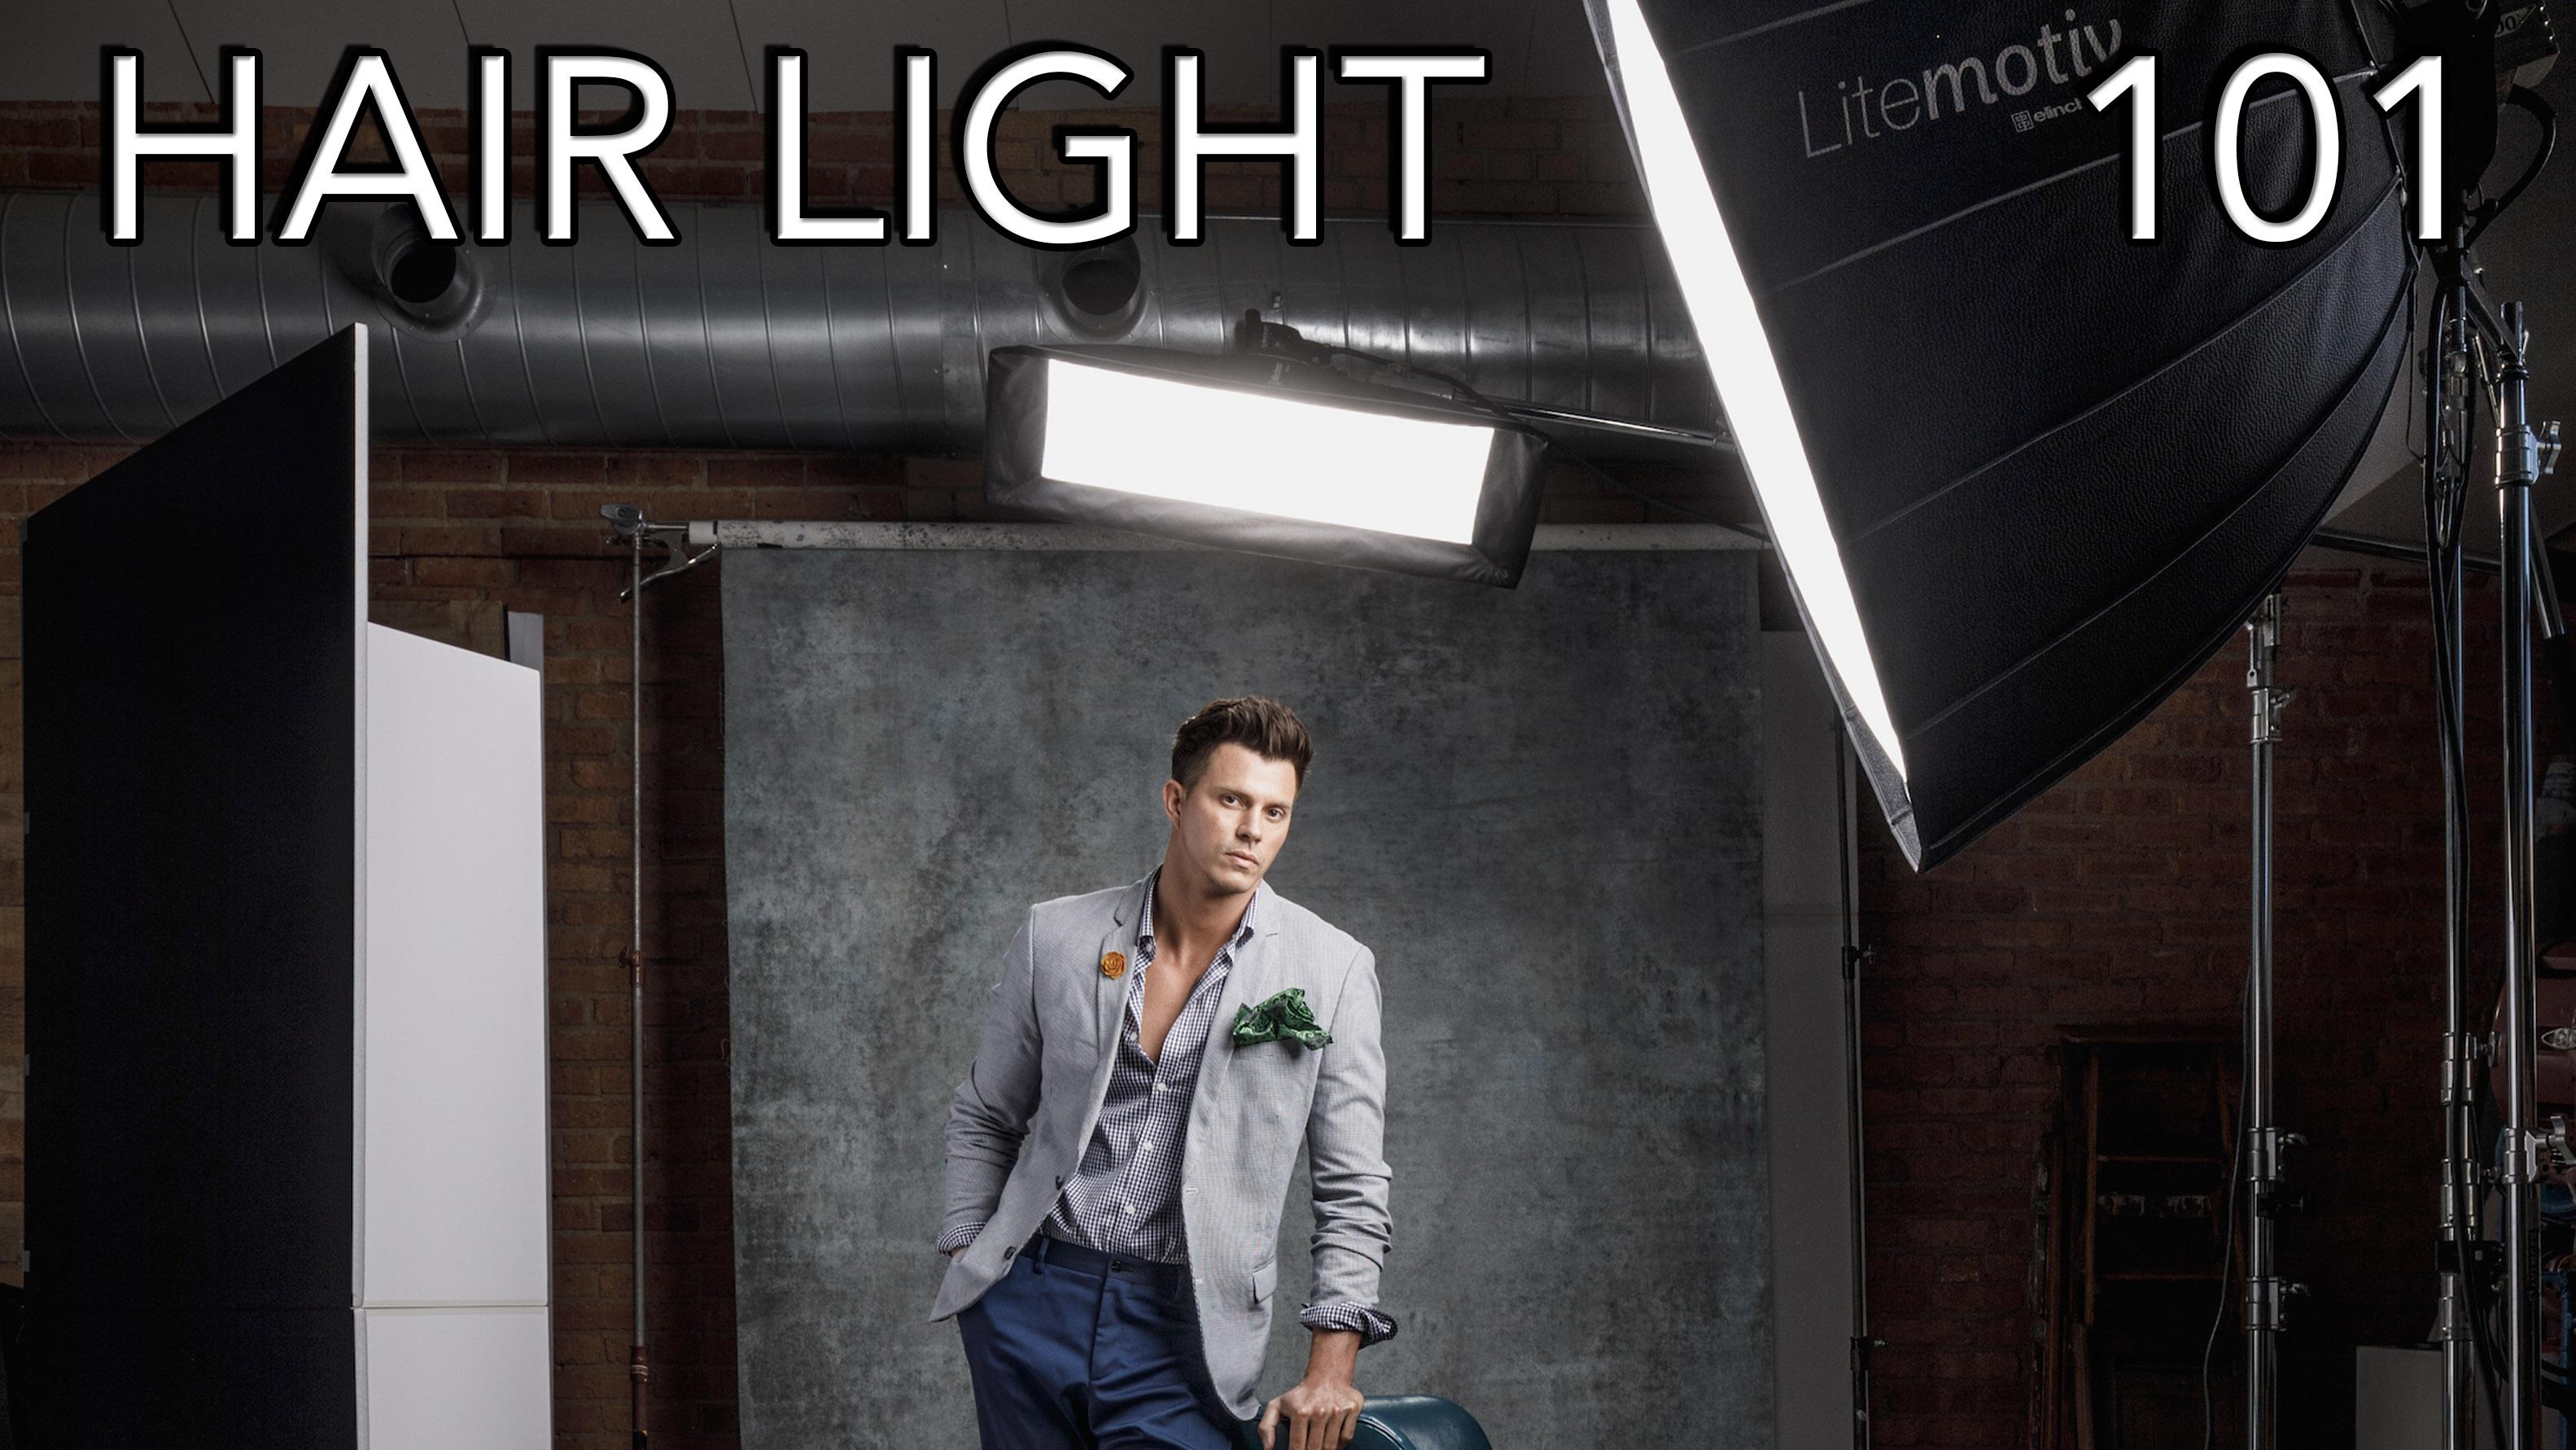 hairlight basics for photographers